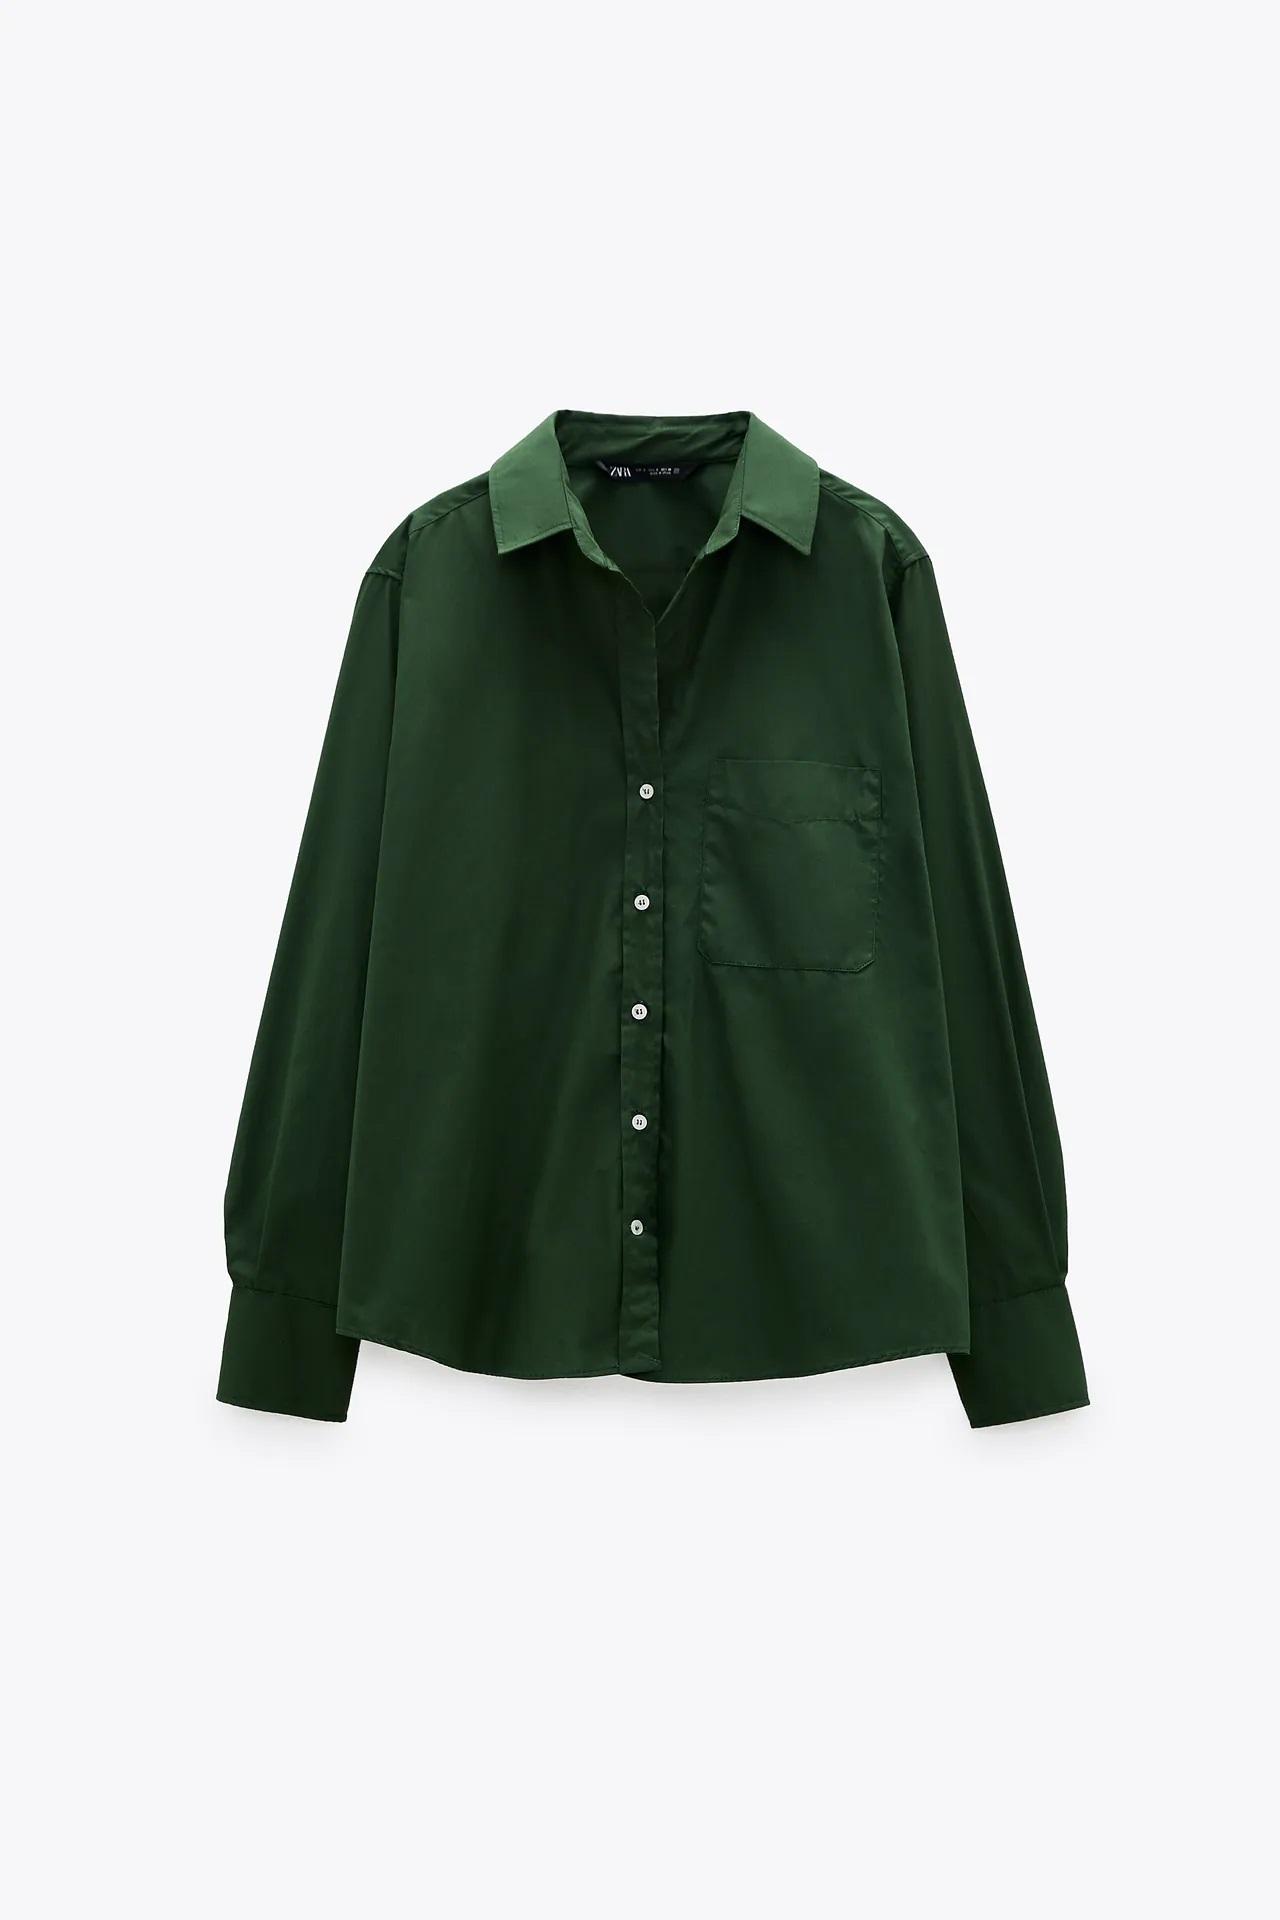 Estos son los mejores total looks de los 'Special Prices' de Zara desde 7,99 euros